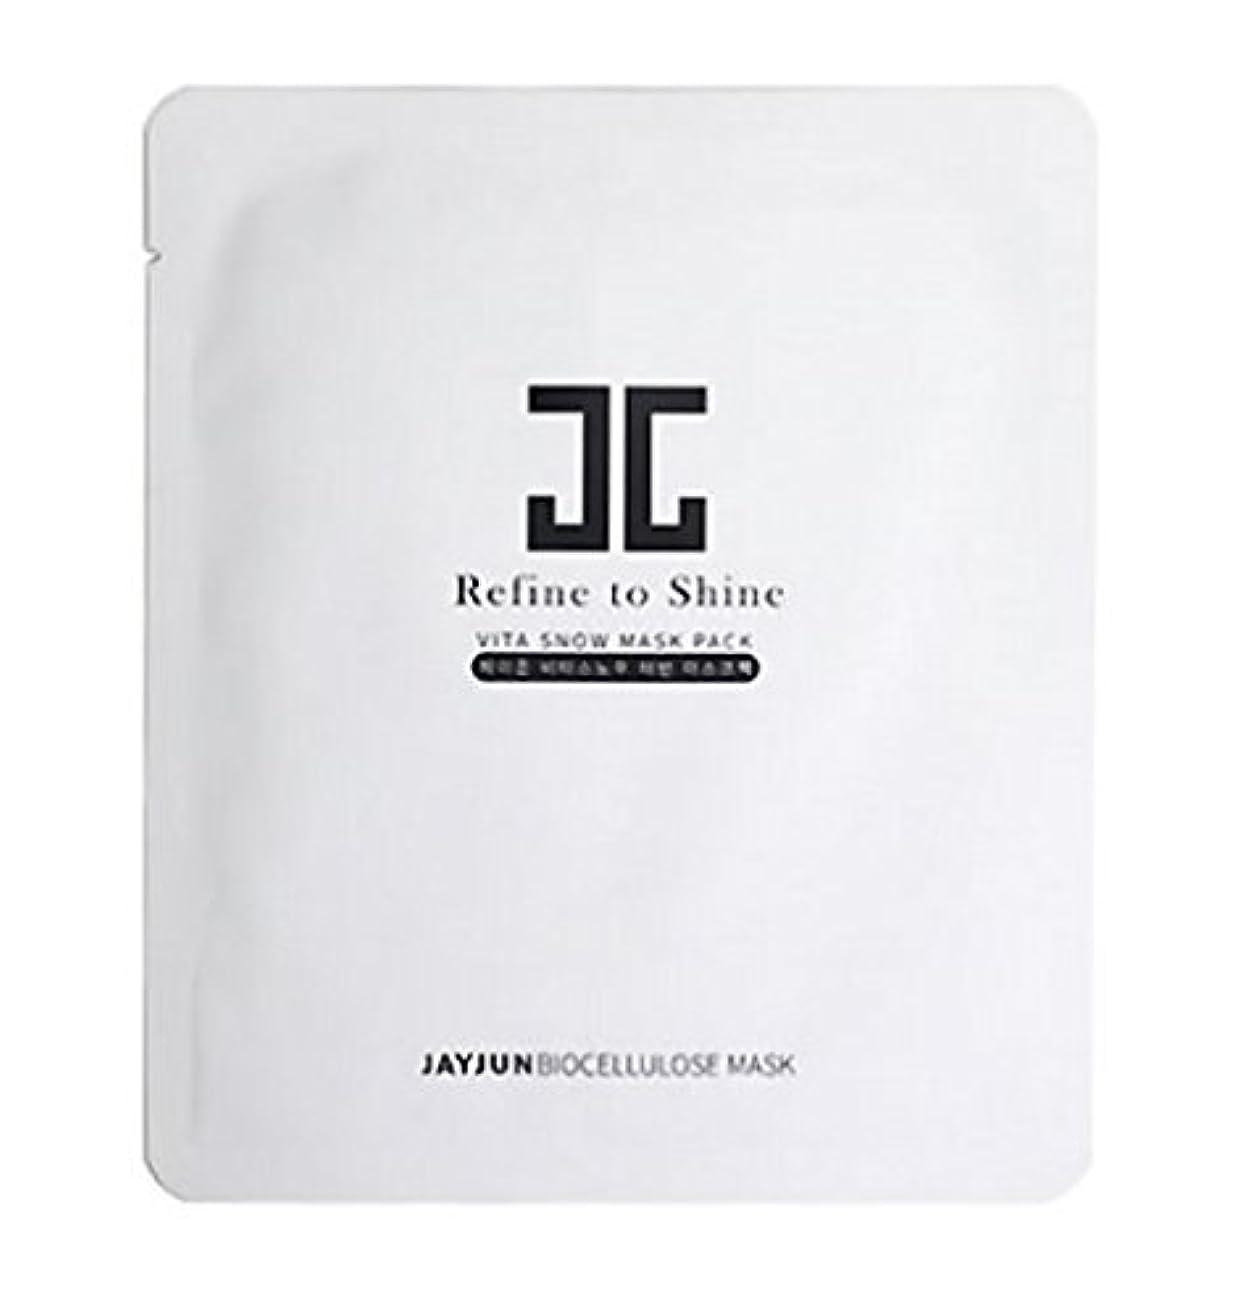 コメンテーター部門エンドテーブルJAYJUN ジェイジュン ヴィタスノー プレミアム バイオセルロース プラセンタフェイシャルマスク[5枚入り]Vita Snow Premium Bio Cellulose placenta Facial Mask [...